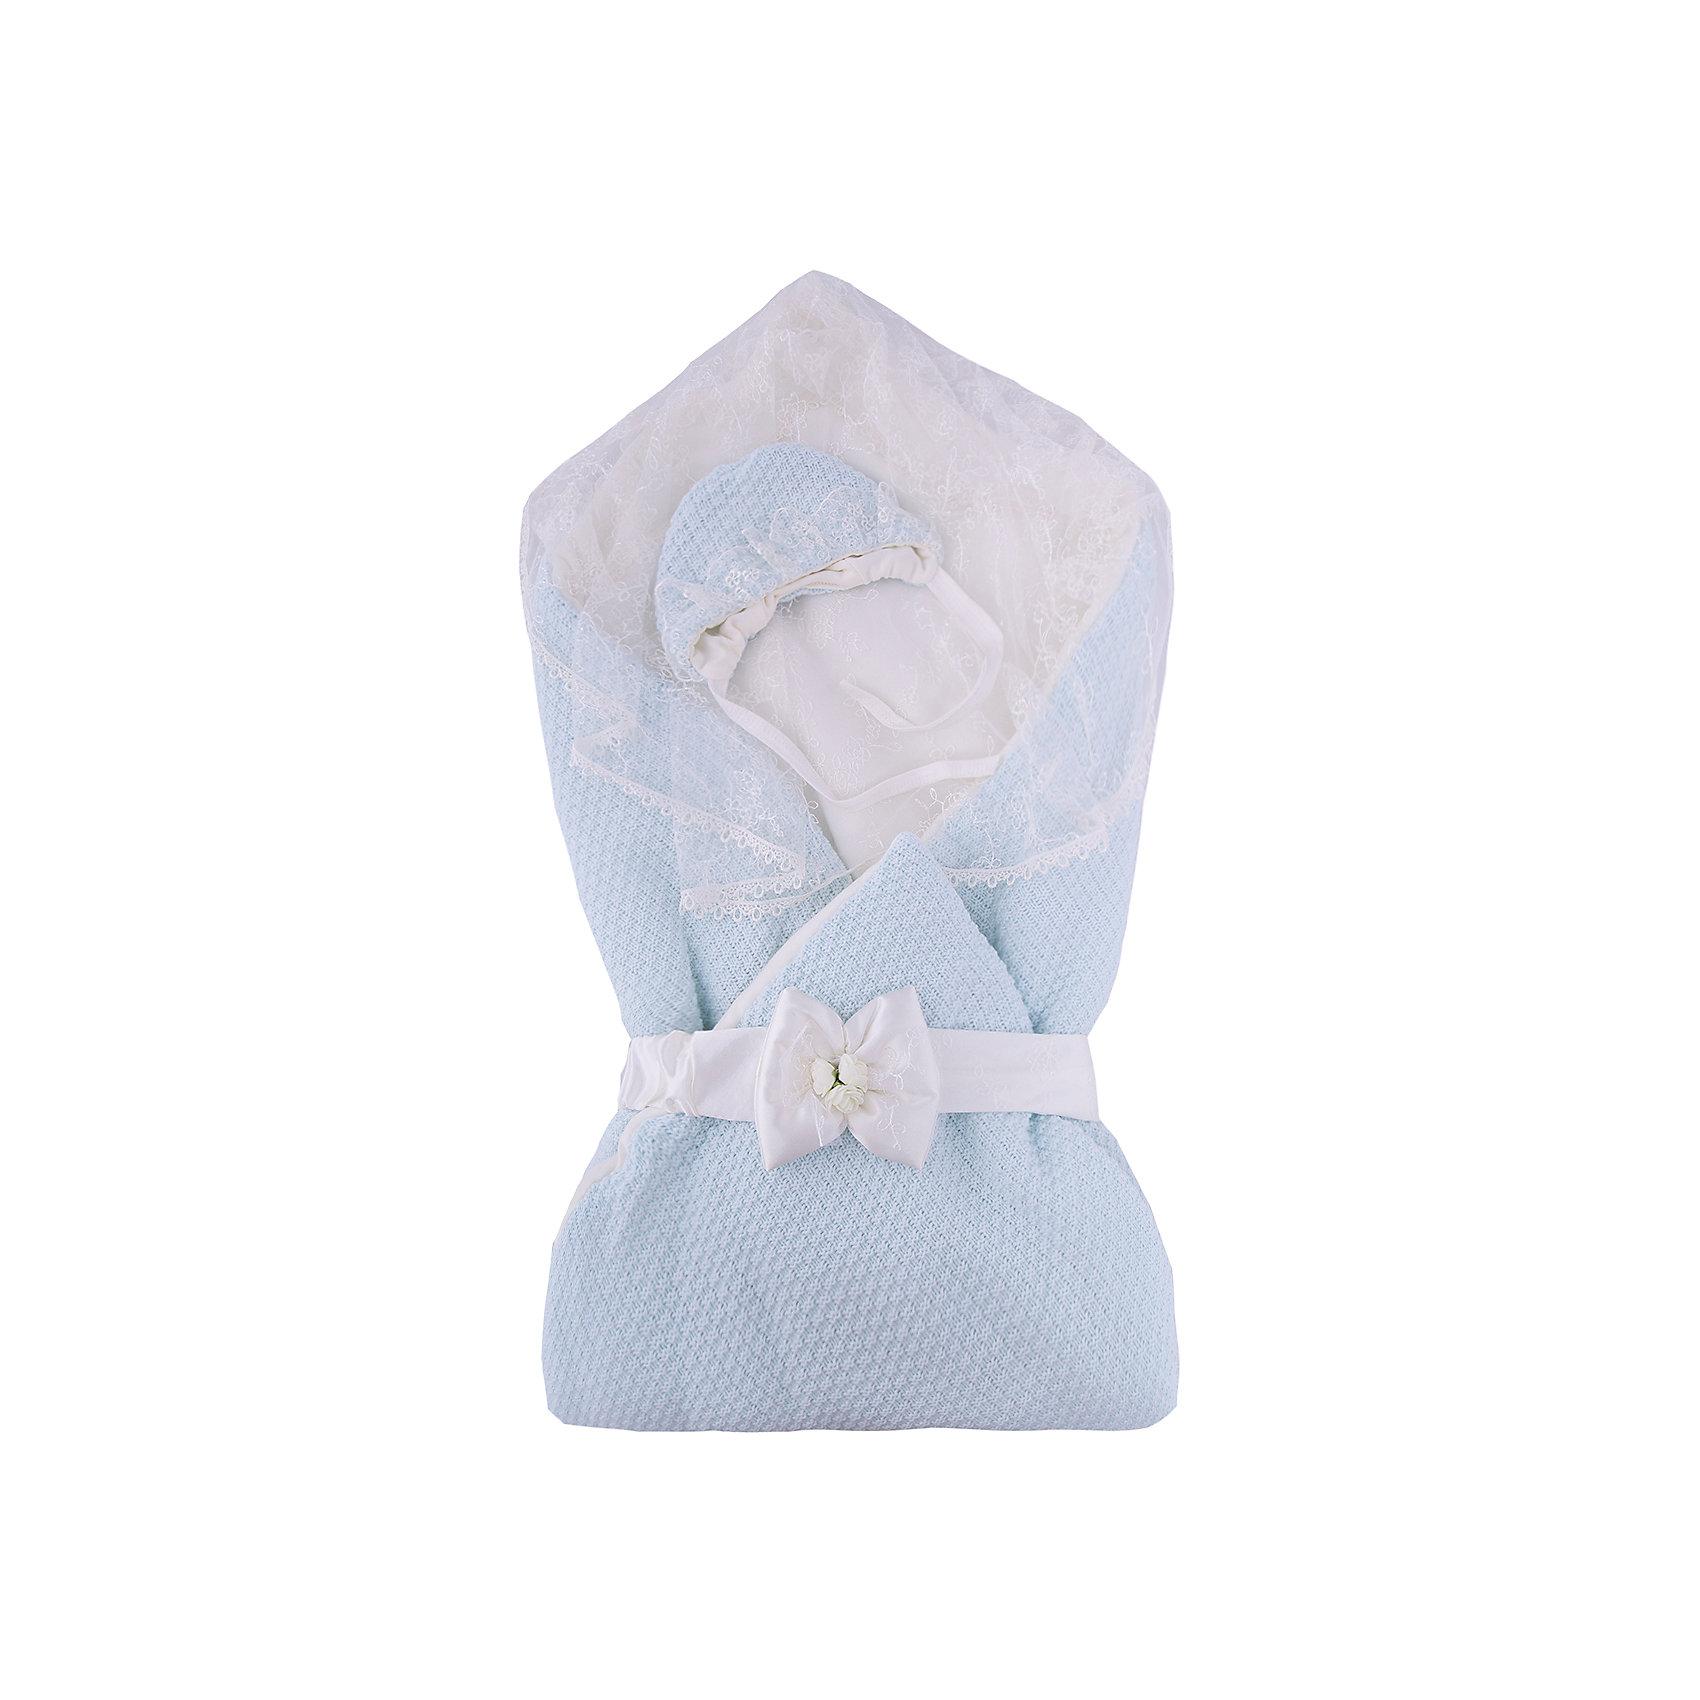 Конверт-одеяло на выписку Жемчужинка, Сонный гномик, голубой